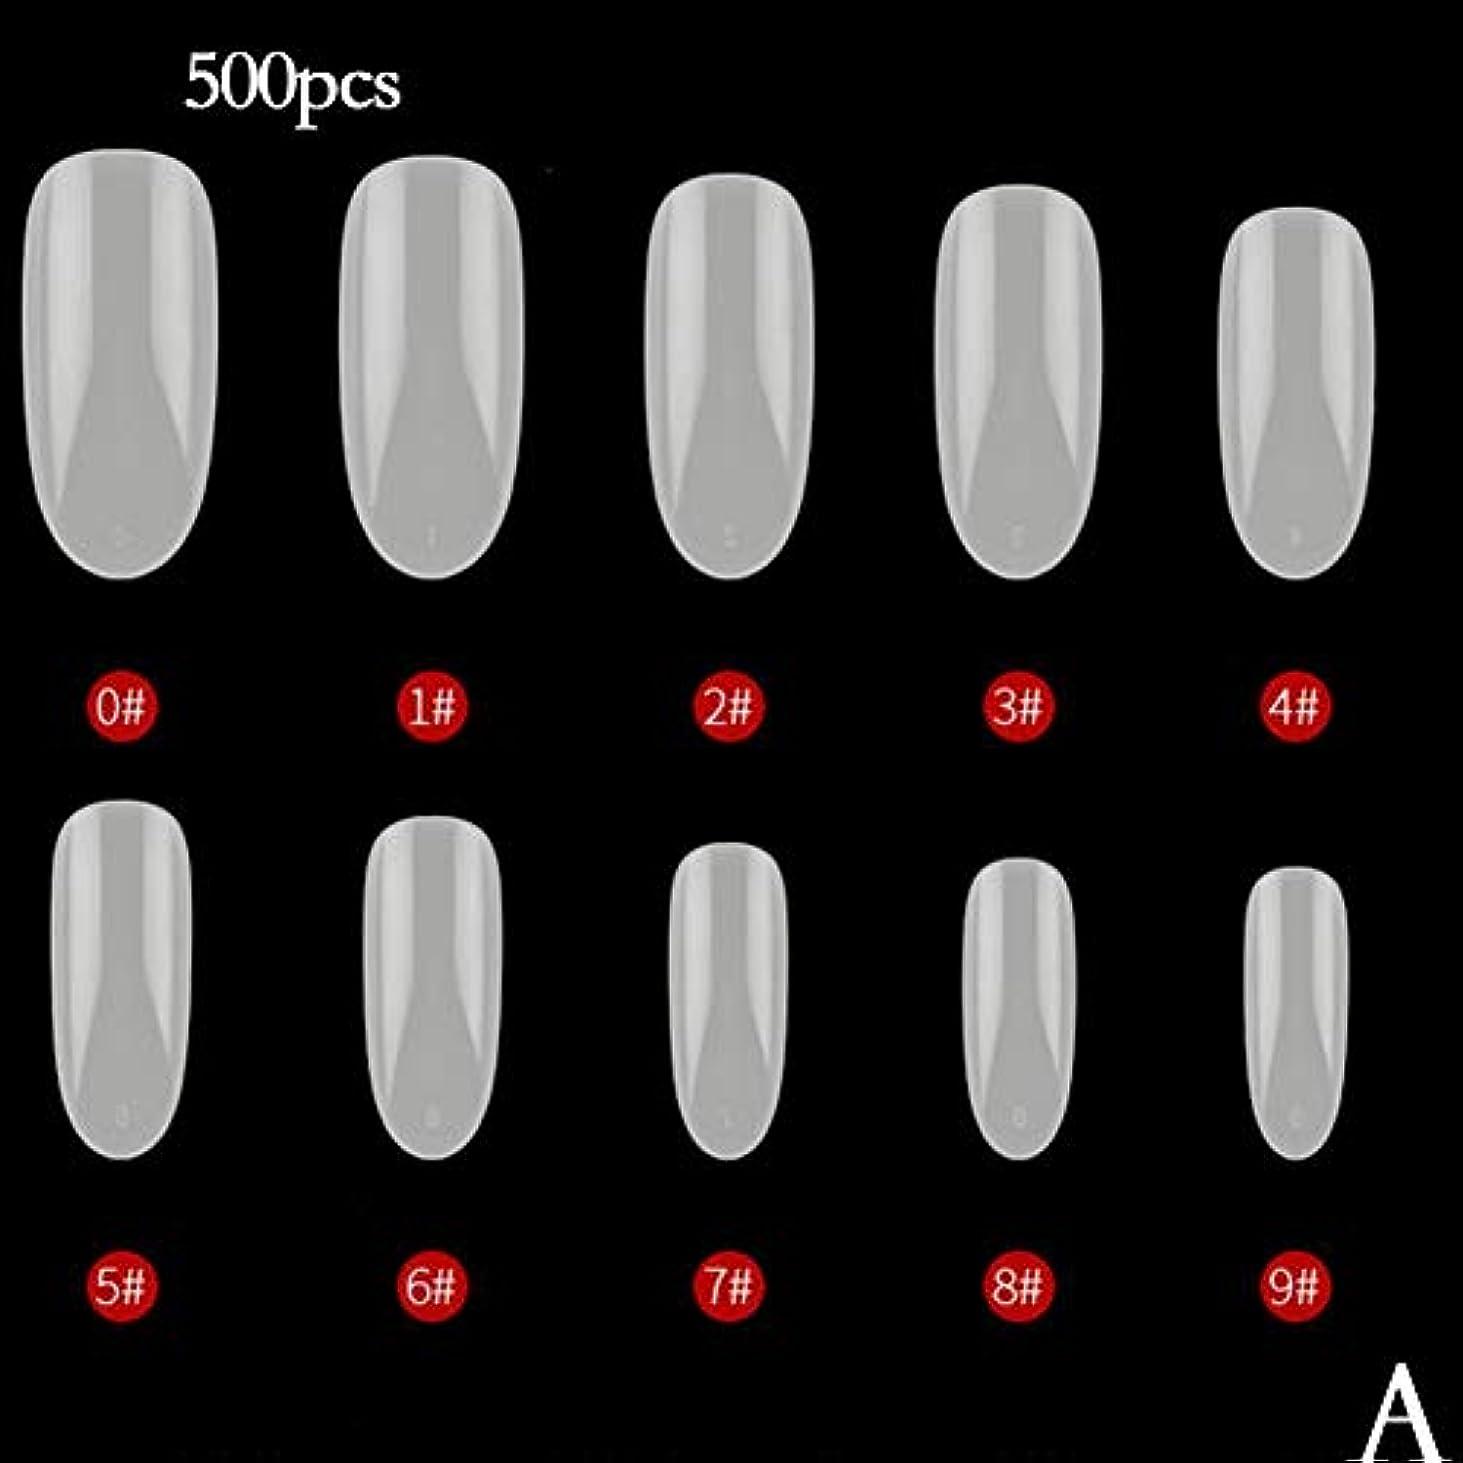 アーク分泌する合成BETTER YOU (ベター ュー) ネイルチップ、ナチュラルカラー、透明色、接着しやすい、剥がれない、ネイルテープ、2色 (A ナチュラル)